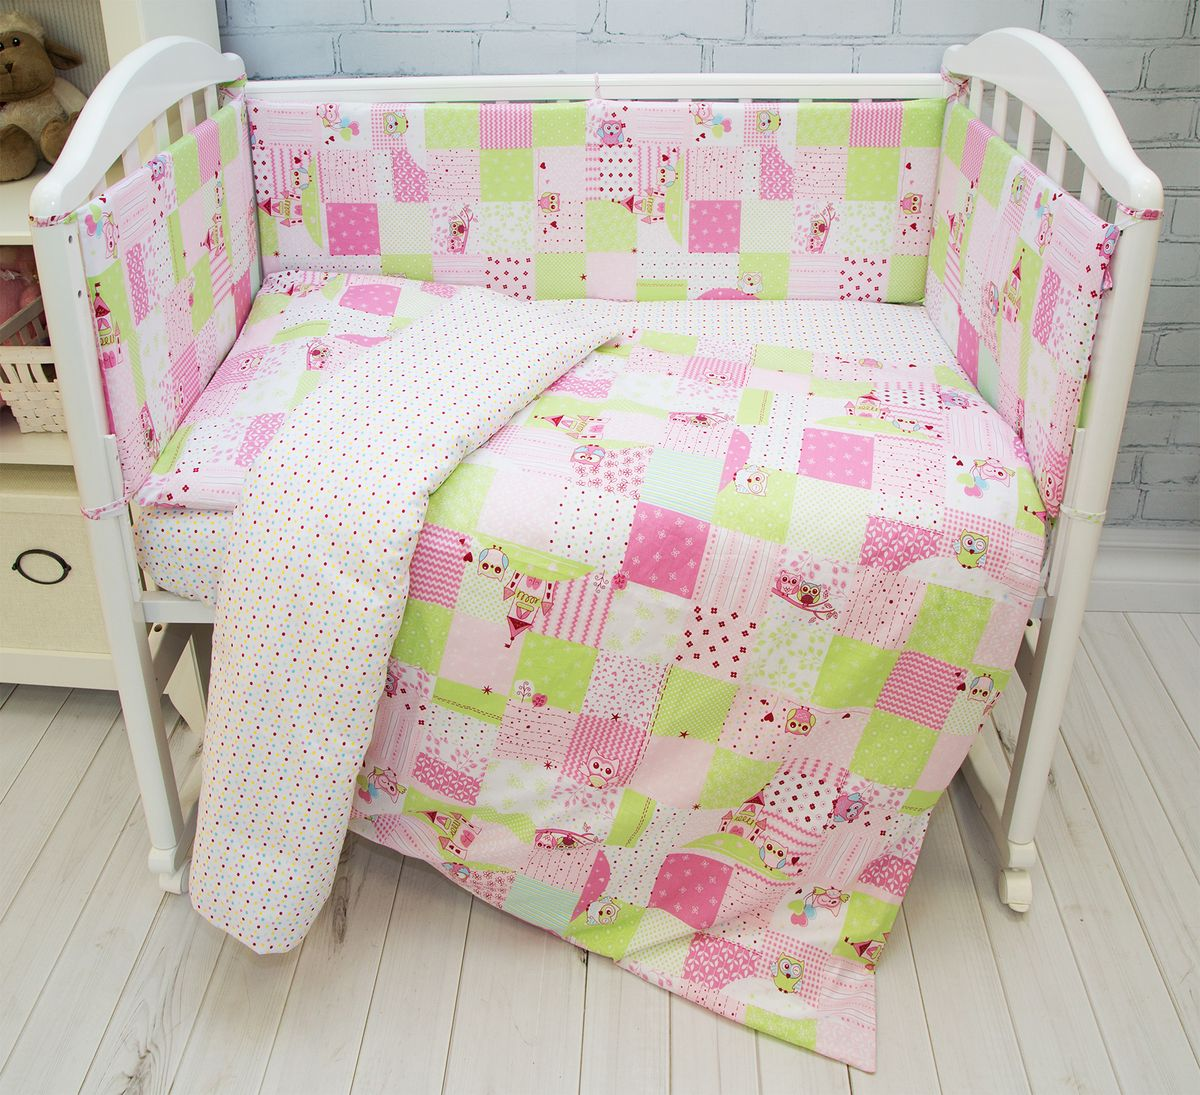 """Комплект в кроватку Споки Ноки """"Совы"""" для самых маленьких должен быть изготовлен только из самой качественной ткани, самой безопасной и гигиеничной, самой экологичнойи гипоаллергенной. Отлично подходит для кроваток малышей, которые часто двигаются во сне. Хлопковое волокно прекрасно переносит стирку, быстро сохнет и не требует особого ухода, не линяет и не вытягивается. Ткань прошла специальную обработку по умягчению, что сделало её невероятно мягкой и приятной к телу. Состав комплекта: простынь 112х147, пододеяльник 112х147, наволочка 40х60, борт (120х35 - 2 шт, 60х35 - 2 шт) , одеяло с наполнителем файбер 110х140, подушка 40х60"""